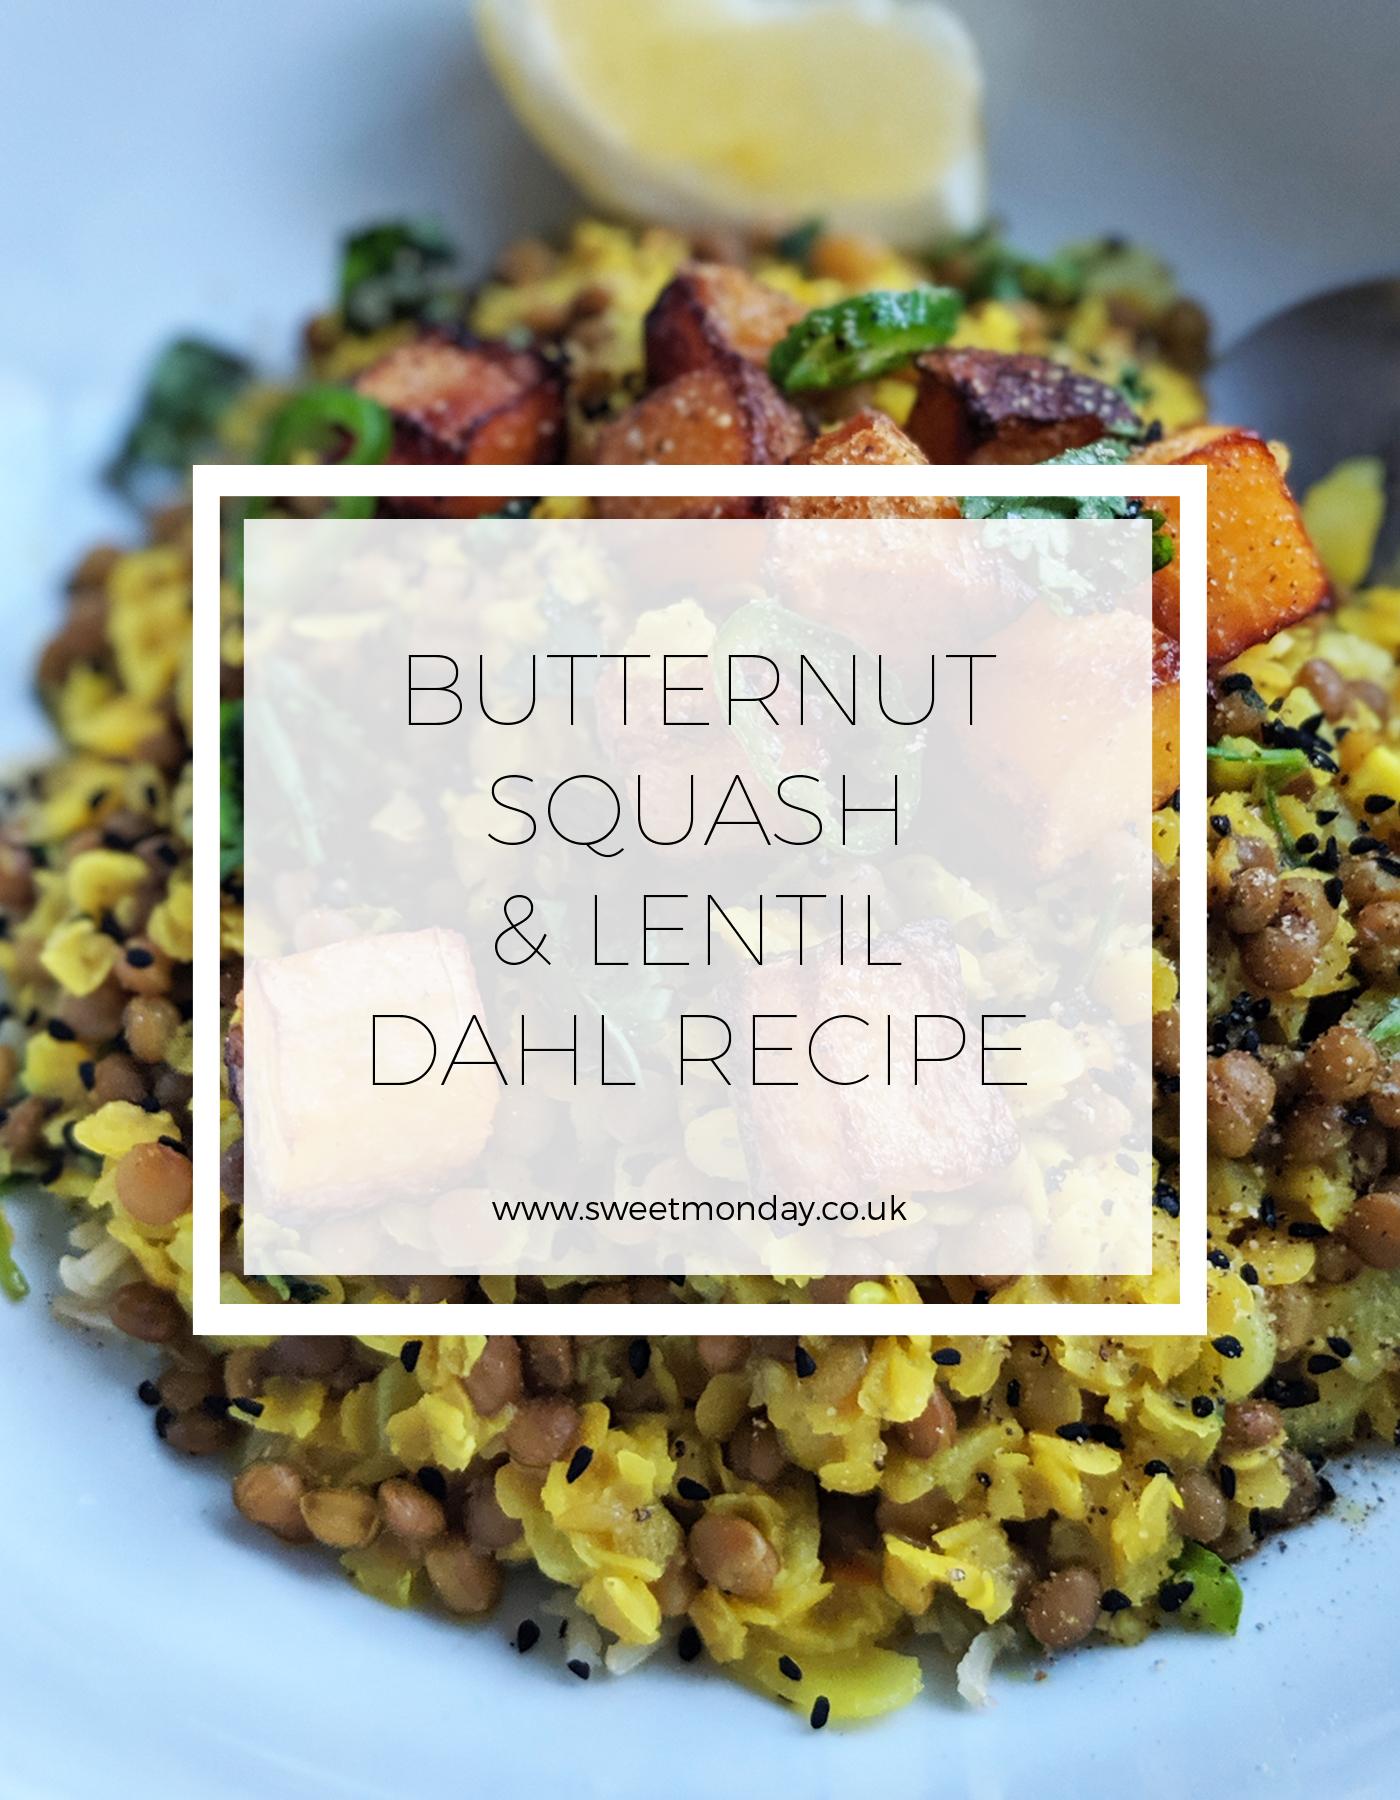 Butternut Squash & Lentil Dahl Recipe